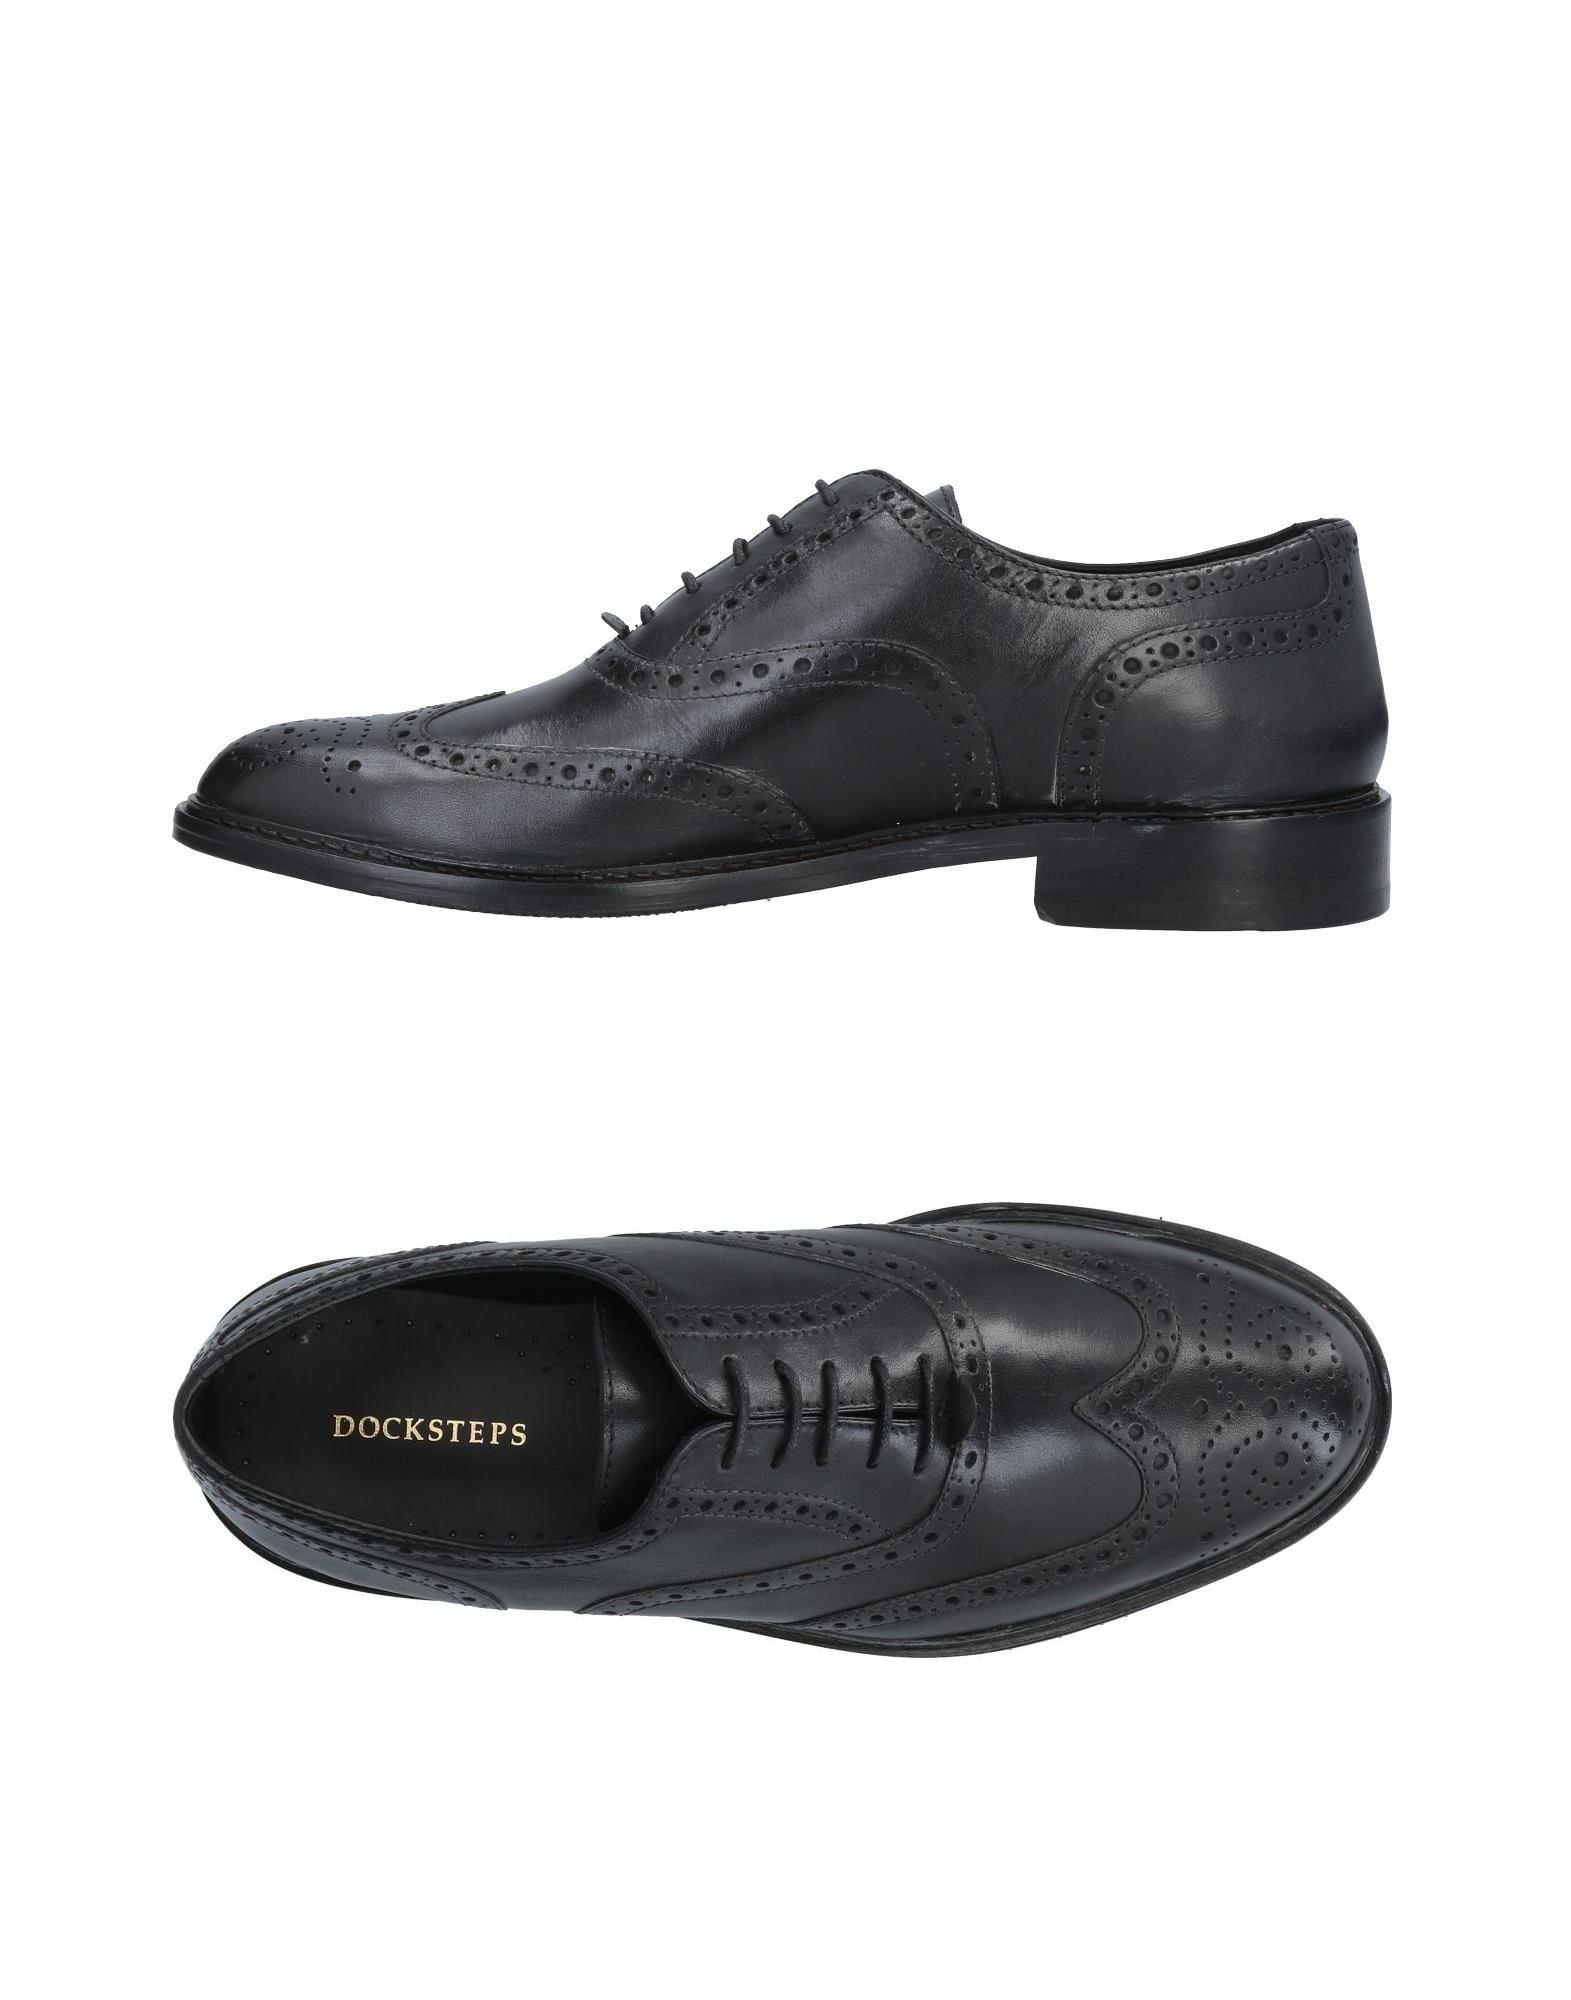 Rabatt echte Schuhe Docksteps Schnürschuhe Herren  11477716GR